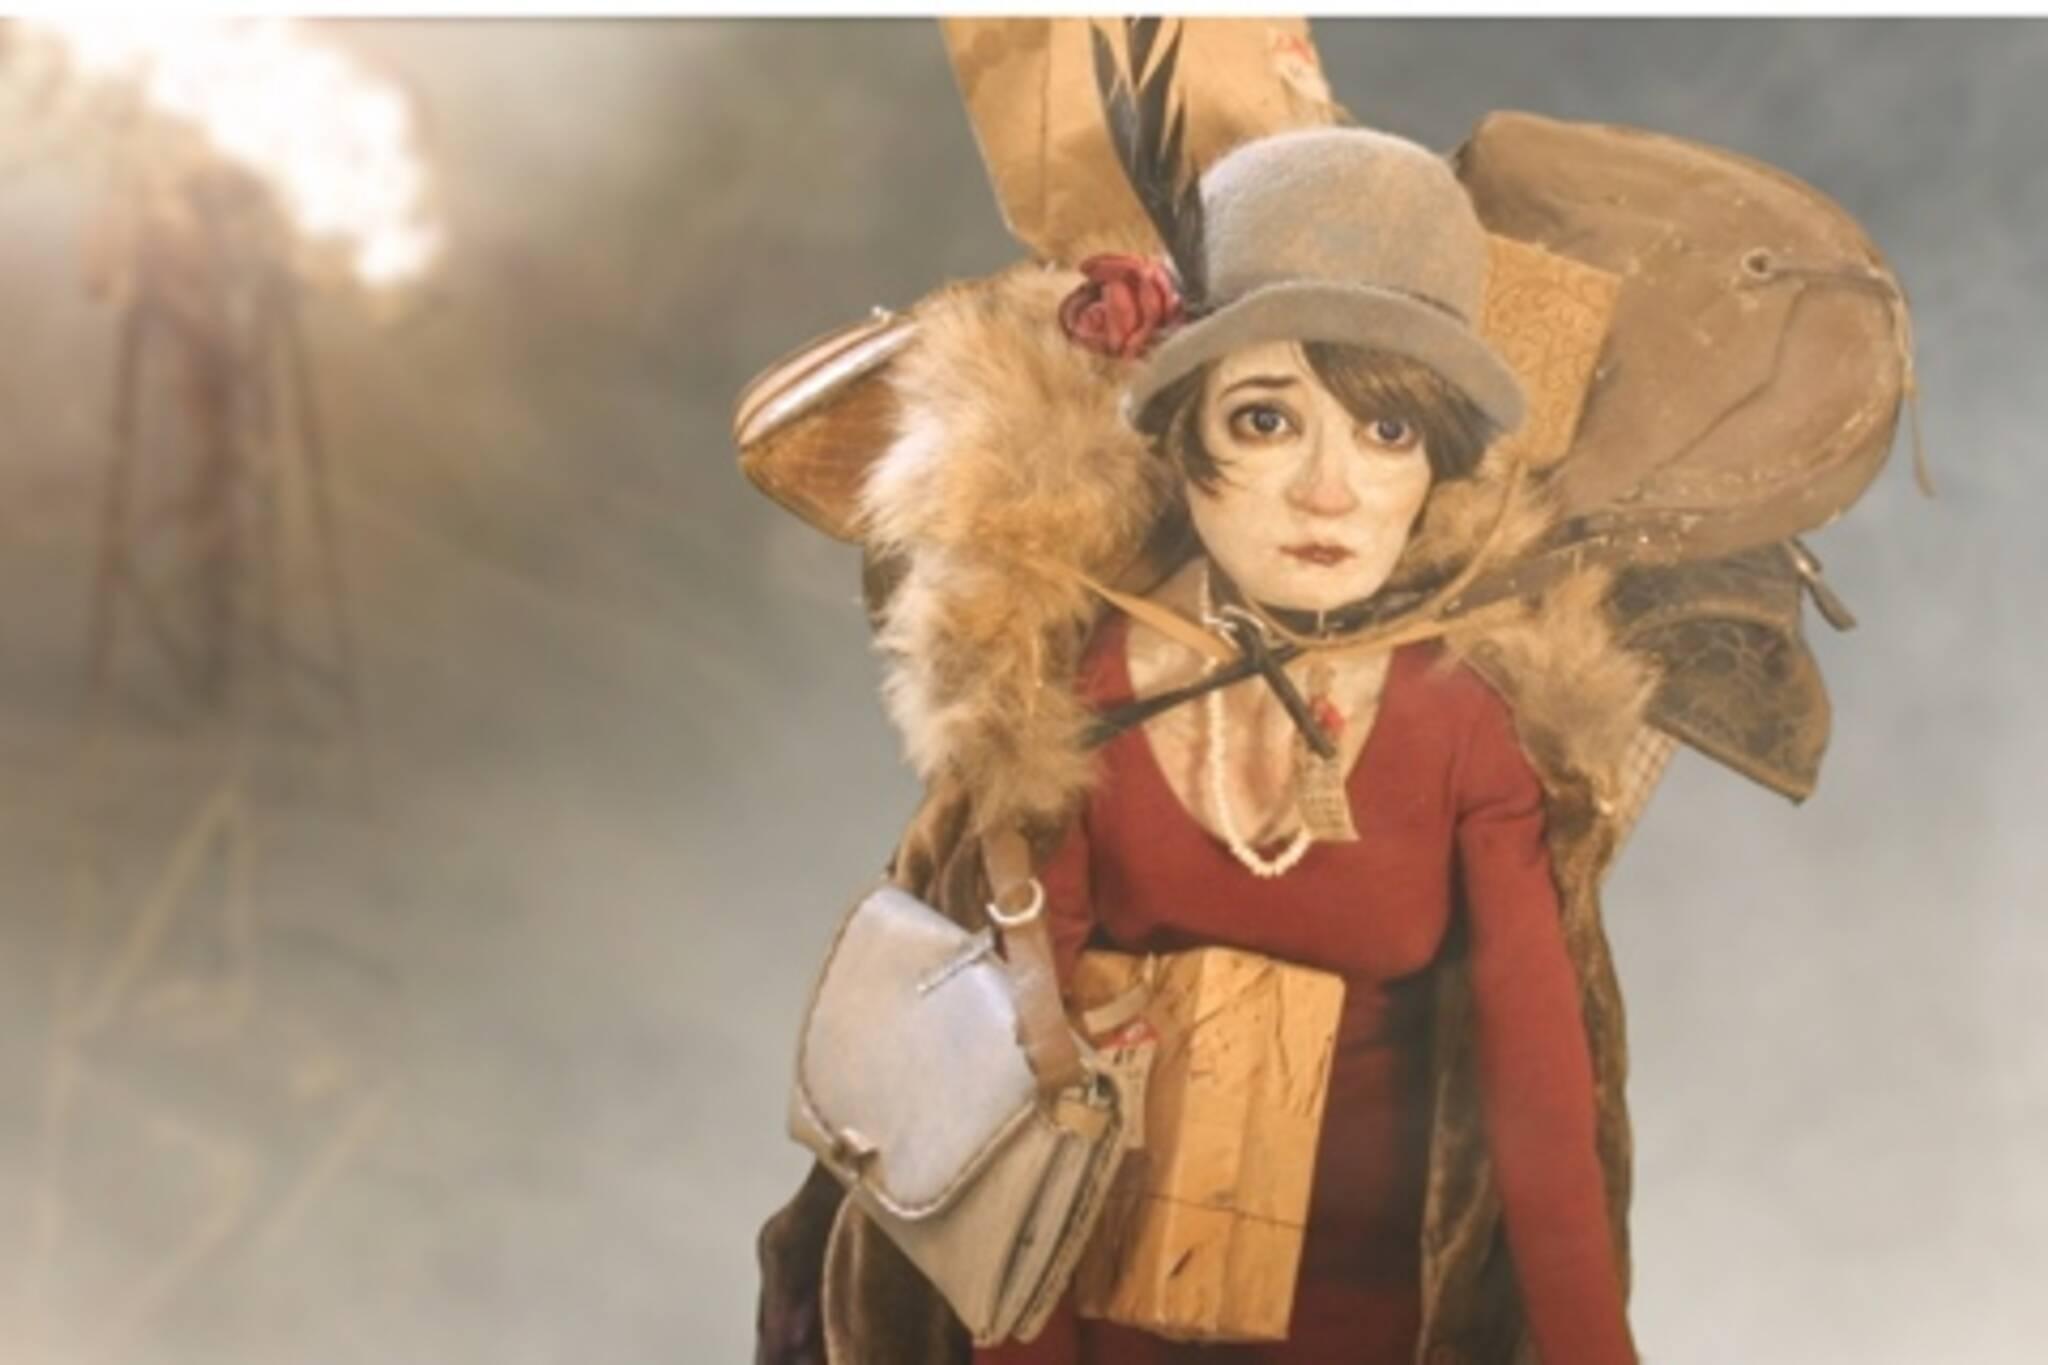 Madame Tutli-Putli at Get Animated!